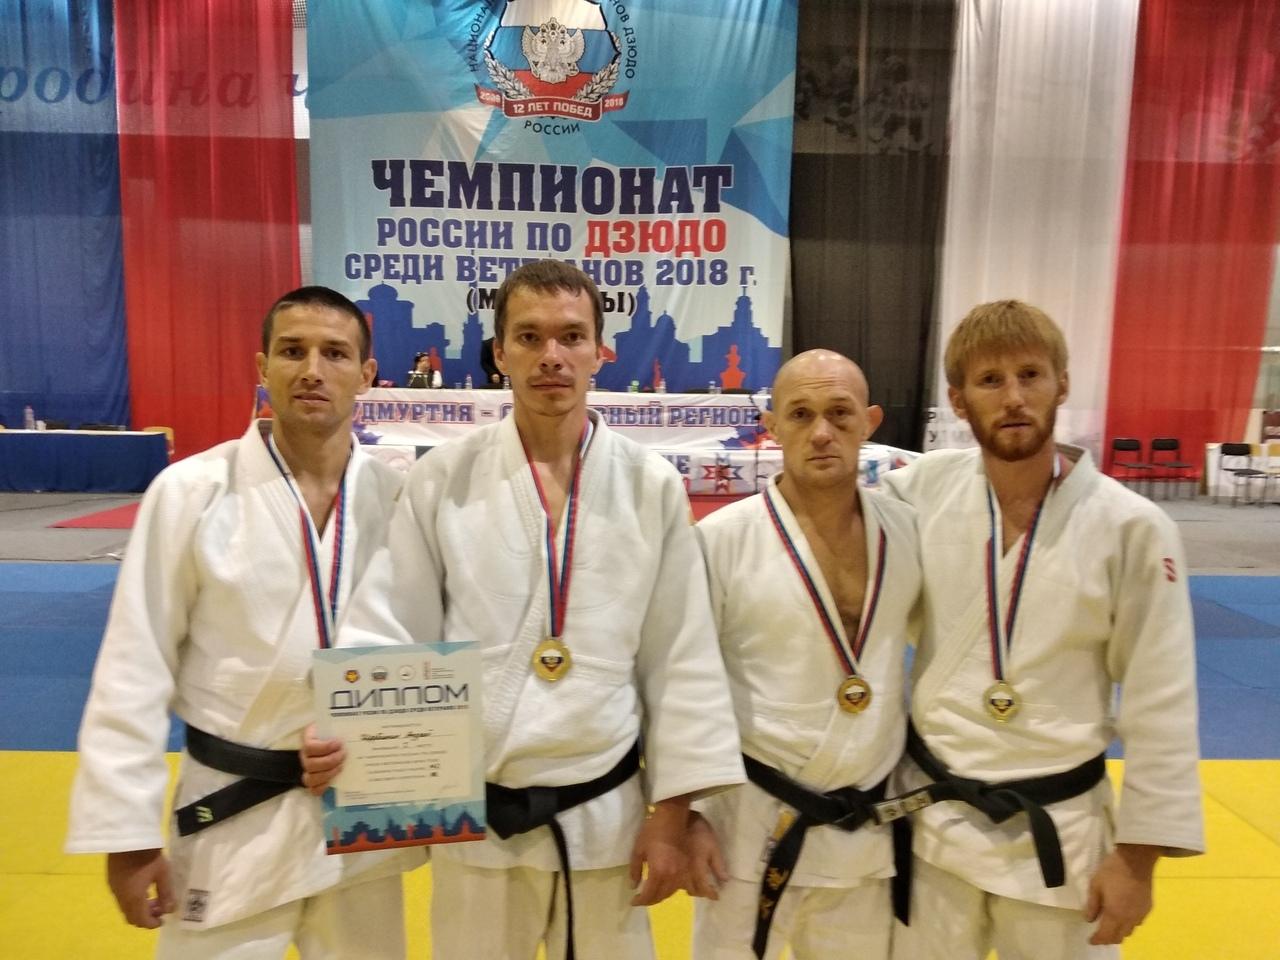 Кировские дзюдоисты стали победителями Чемпионата России среди ветеранов.